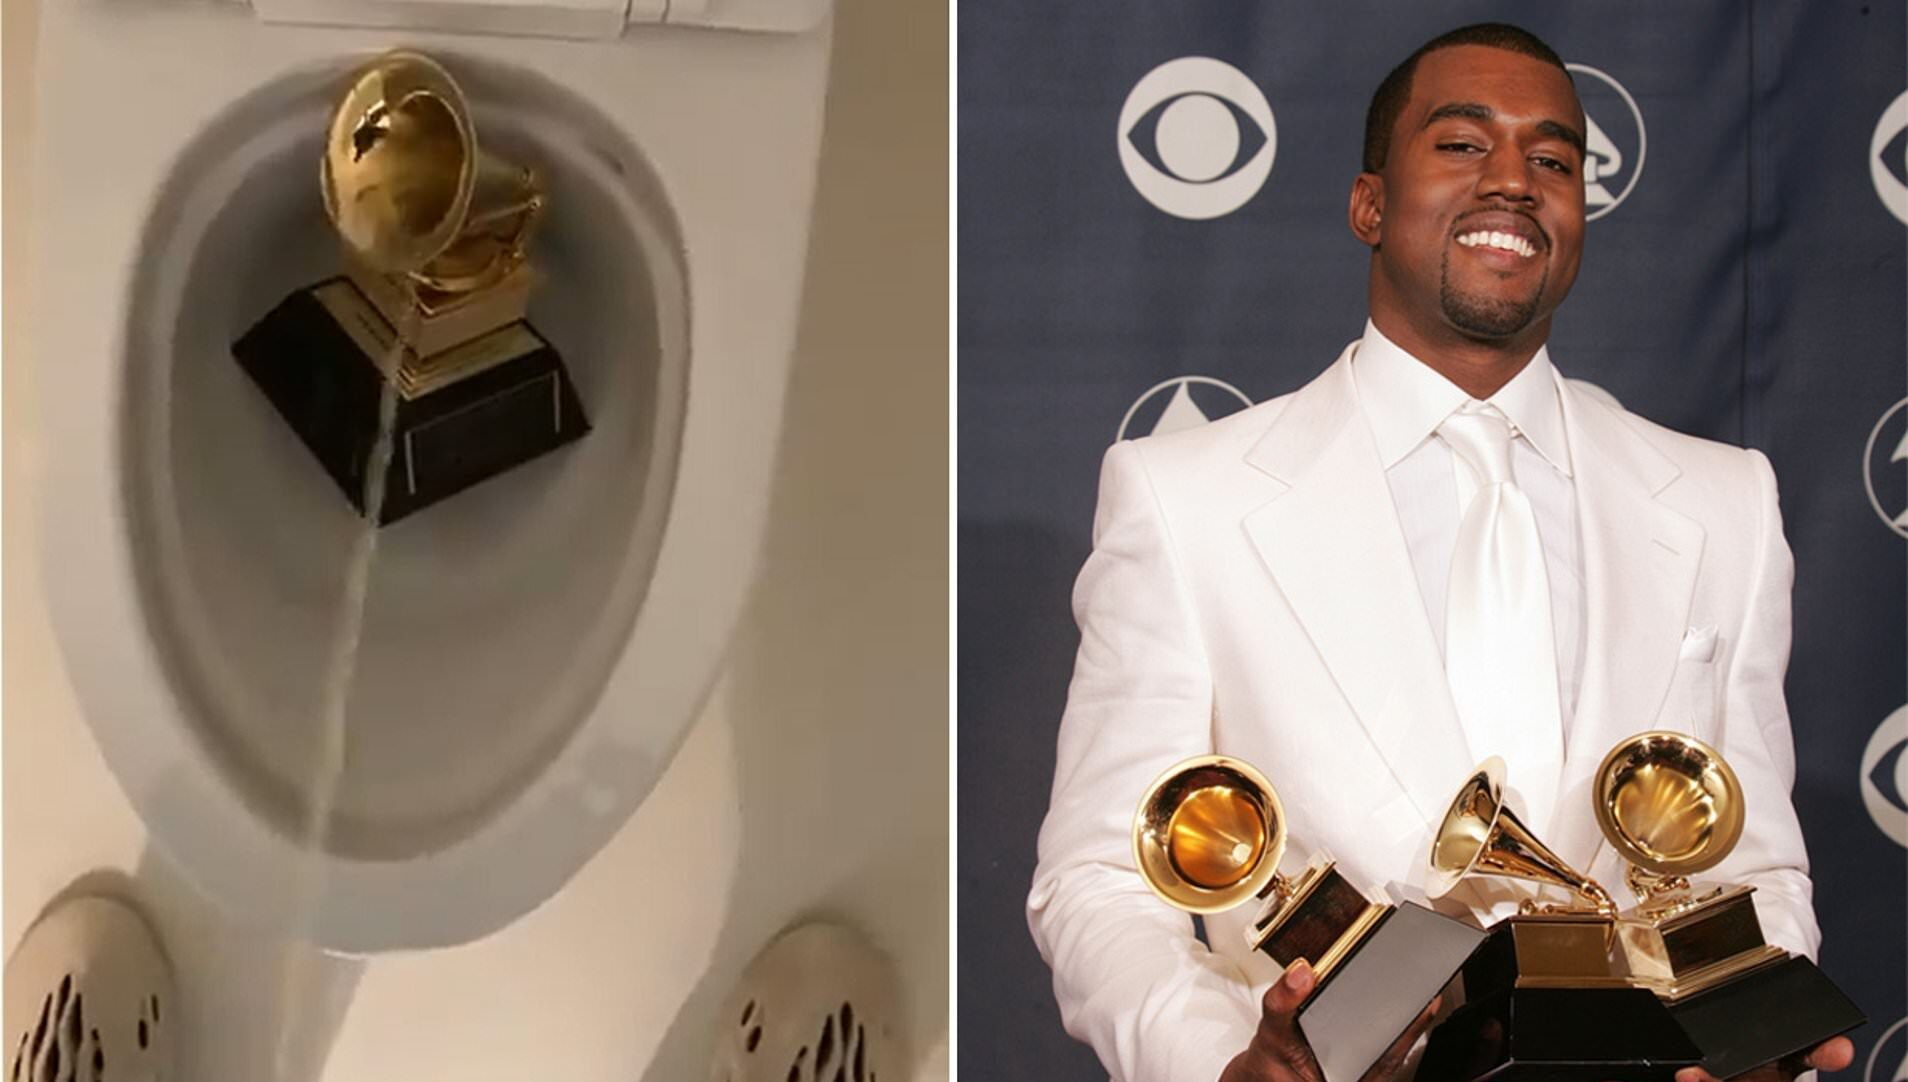 Ünlü Rapçi Afro-Amerikan haklarını savunma gerekçesiyle Grammy ödülünün üzerine çişini yaptı!